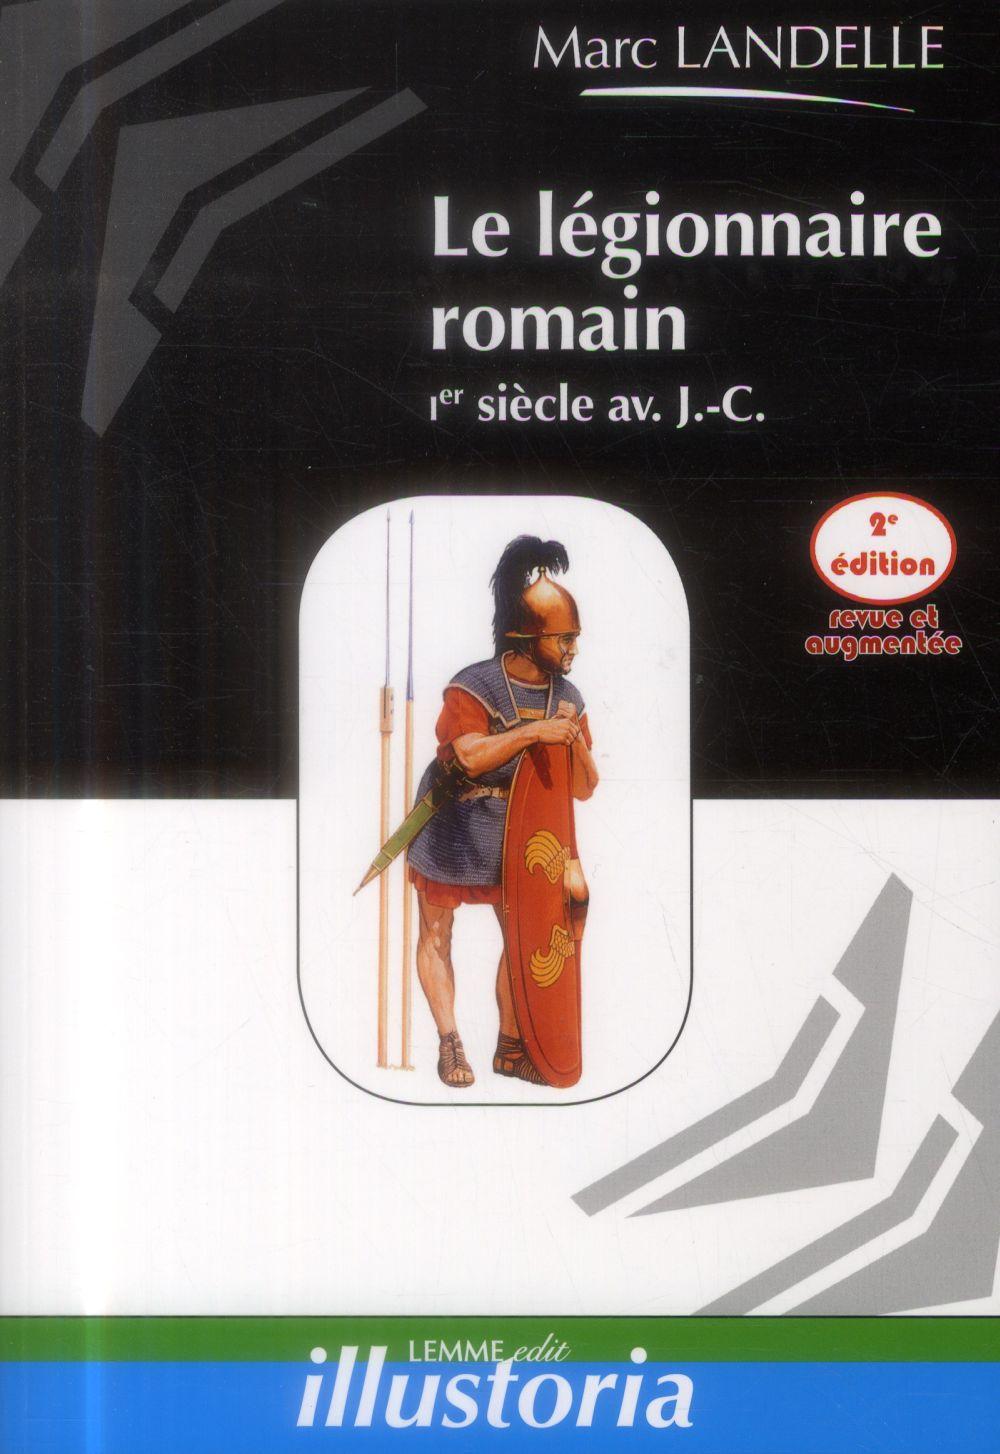 Le légionnaire romain Ier siècle av. J.-C. (2e édition)